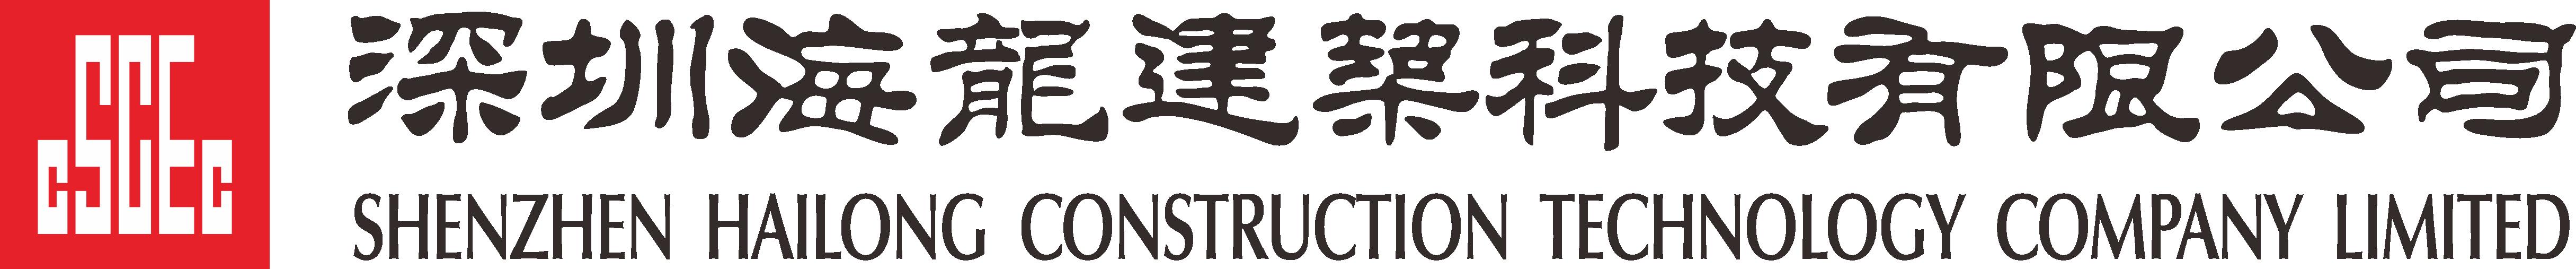 深圳海龙建筑科技有限公司